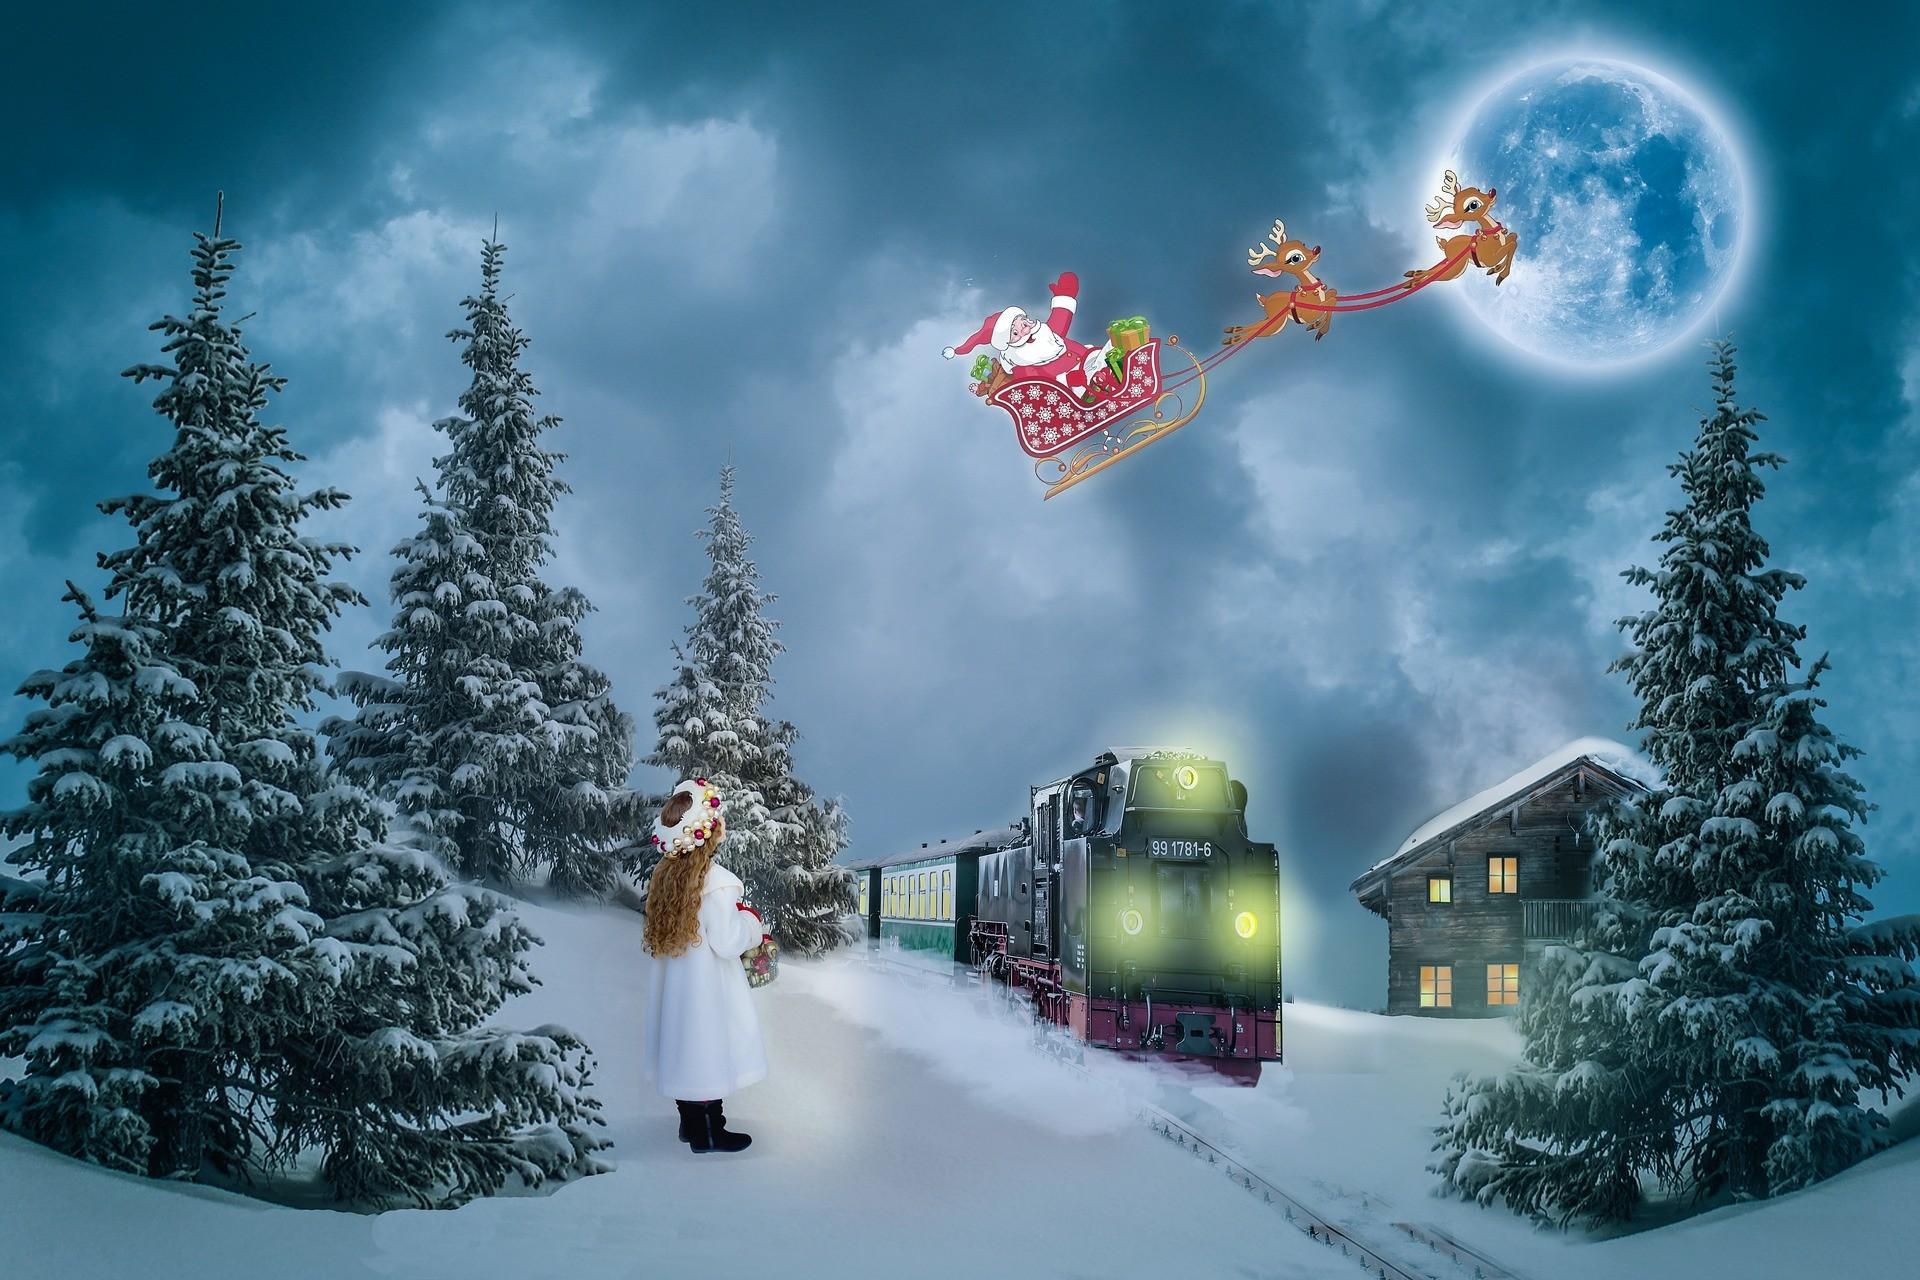 Santa In Flight Wallpaper 69 Images